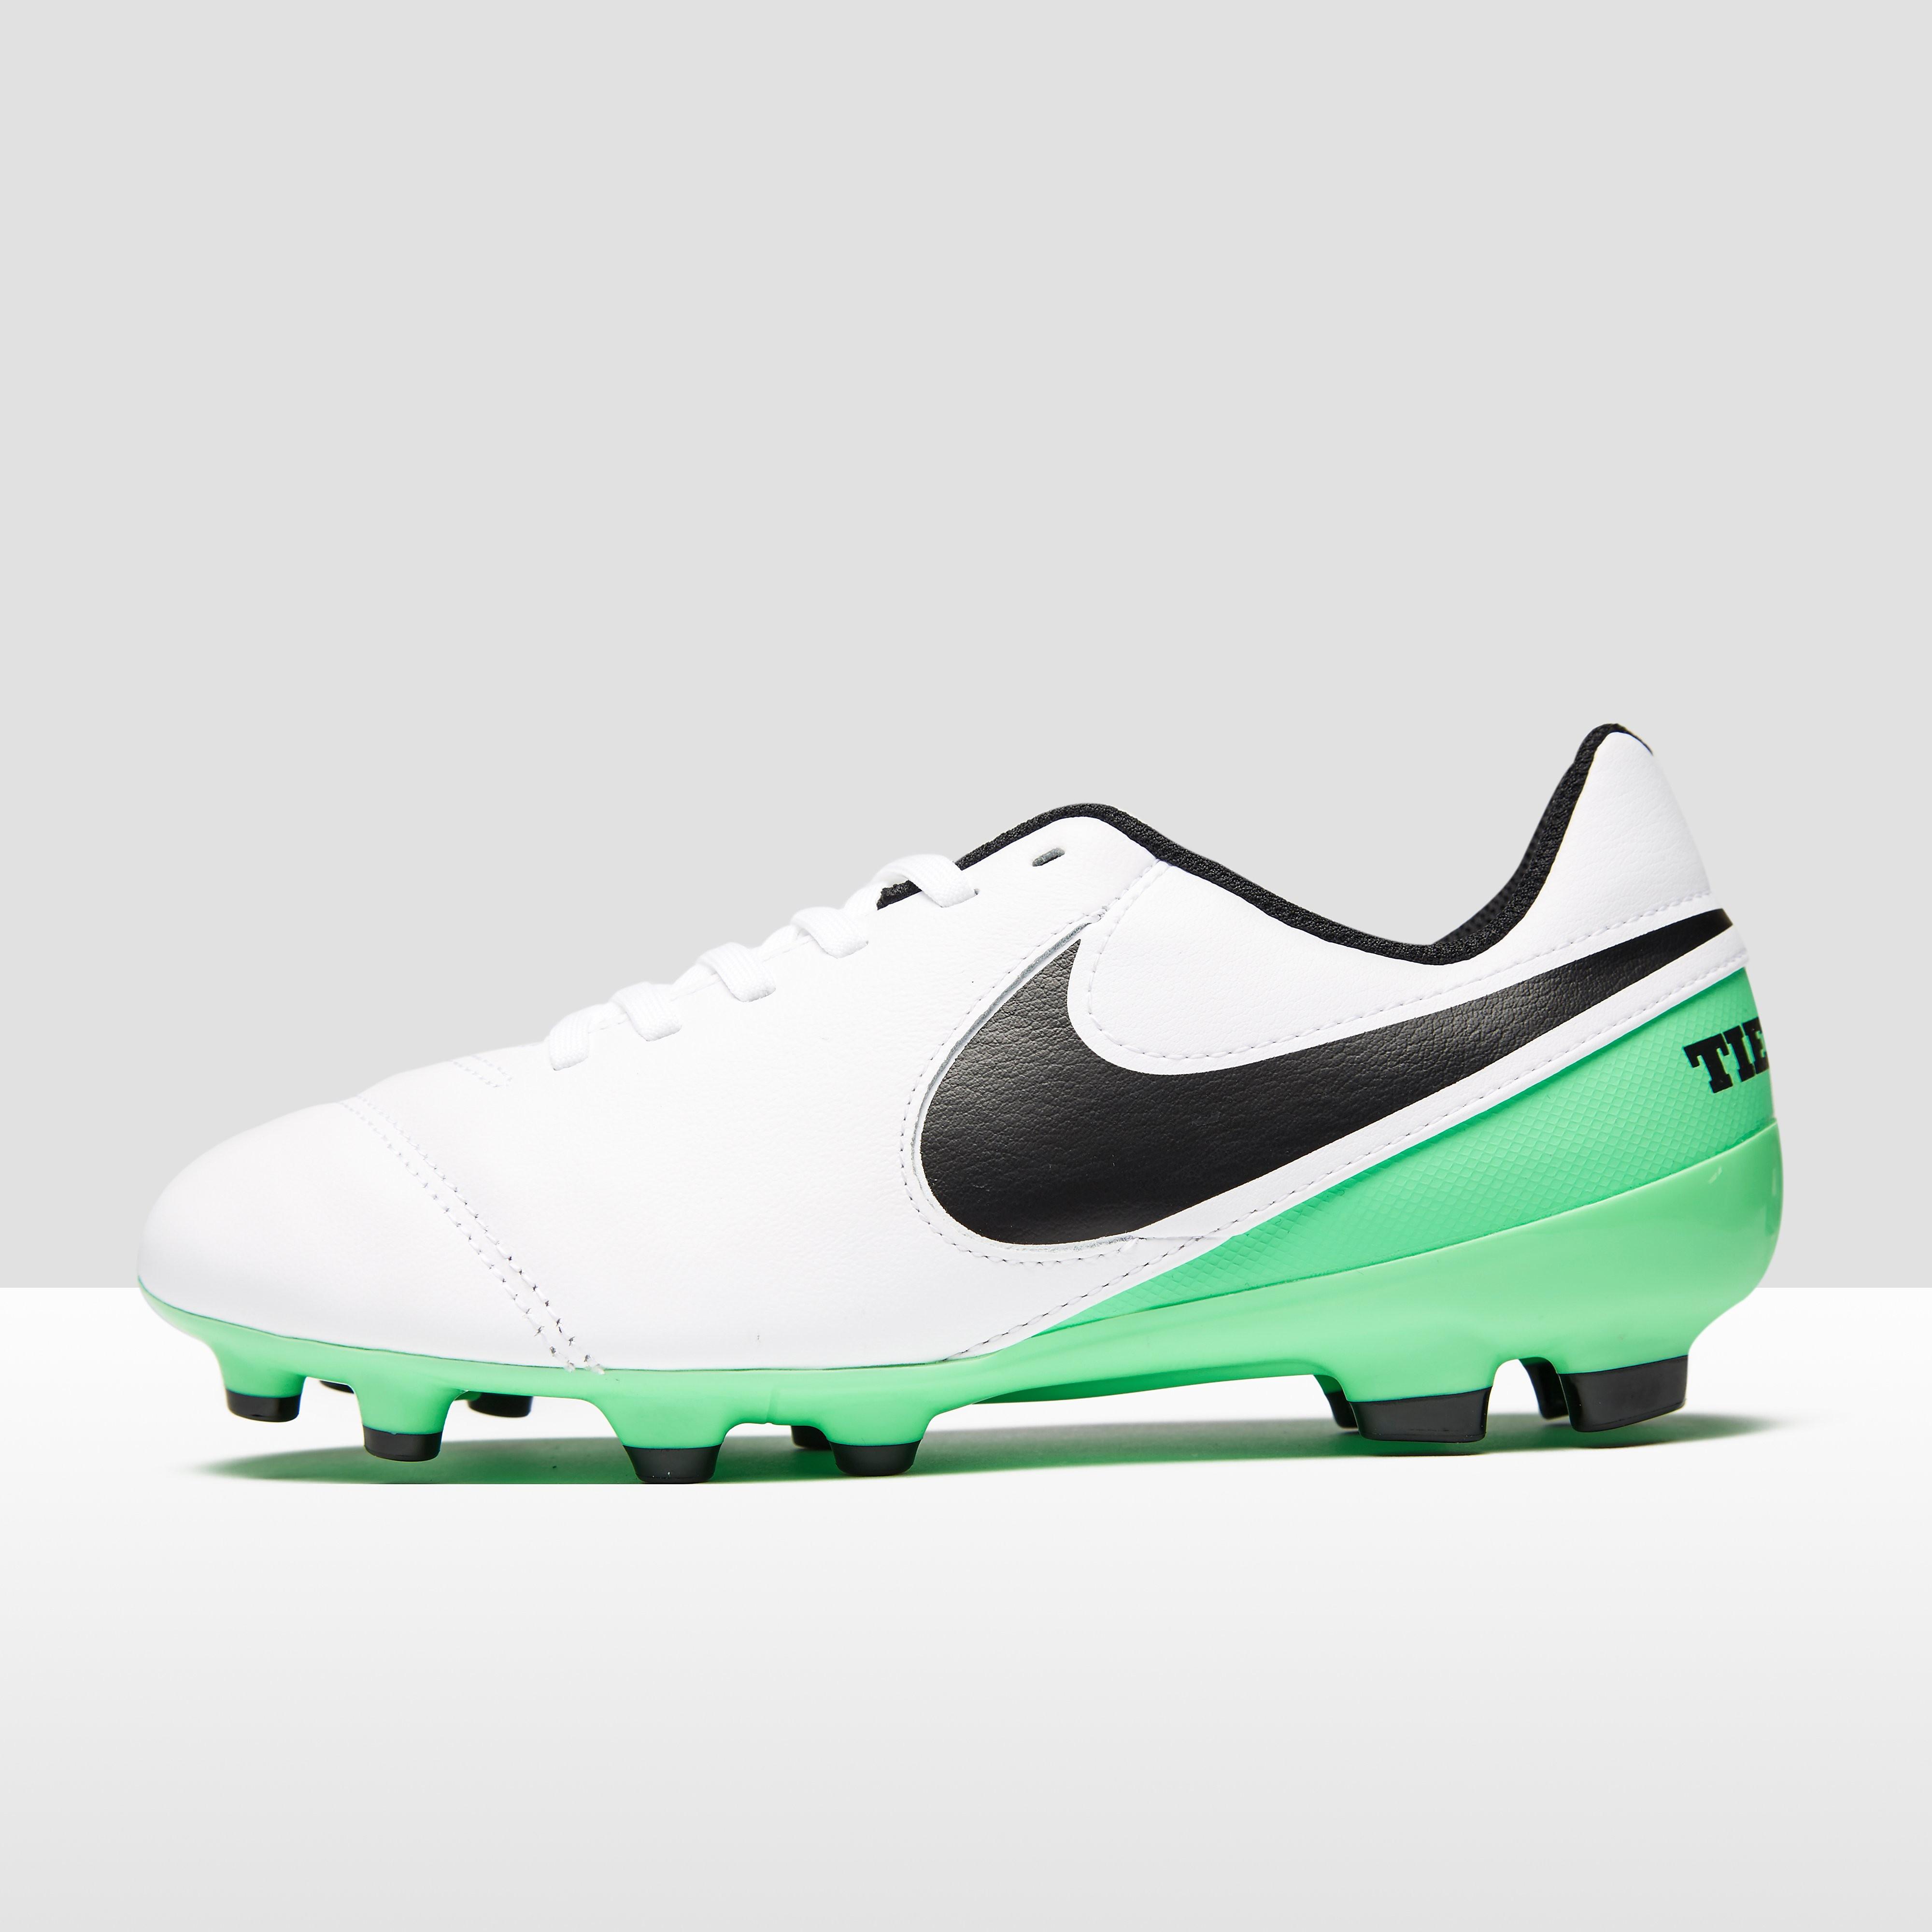 Nike TIEMPO LEGEND VI FG VOETBALSCHOENEN KIDS